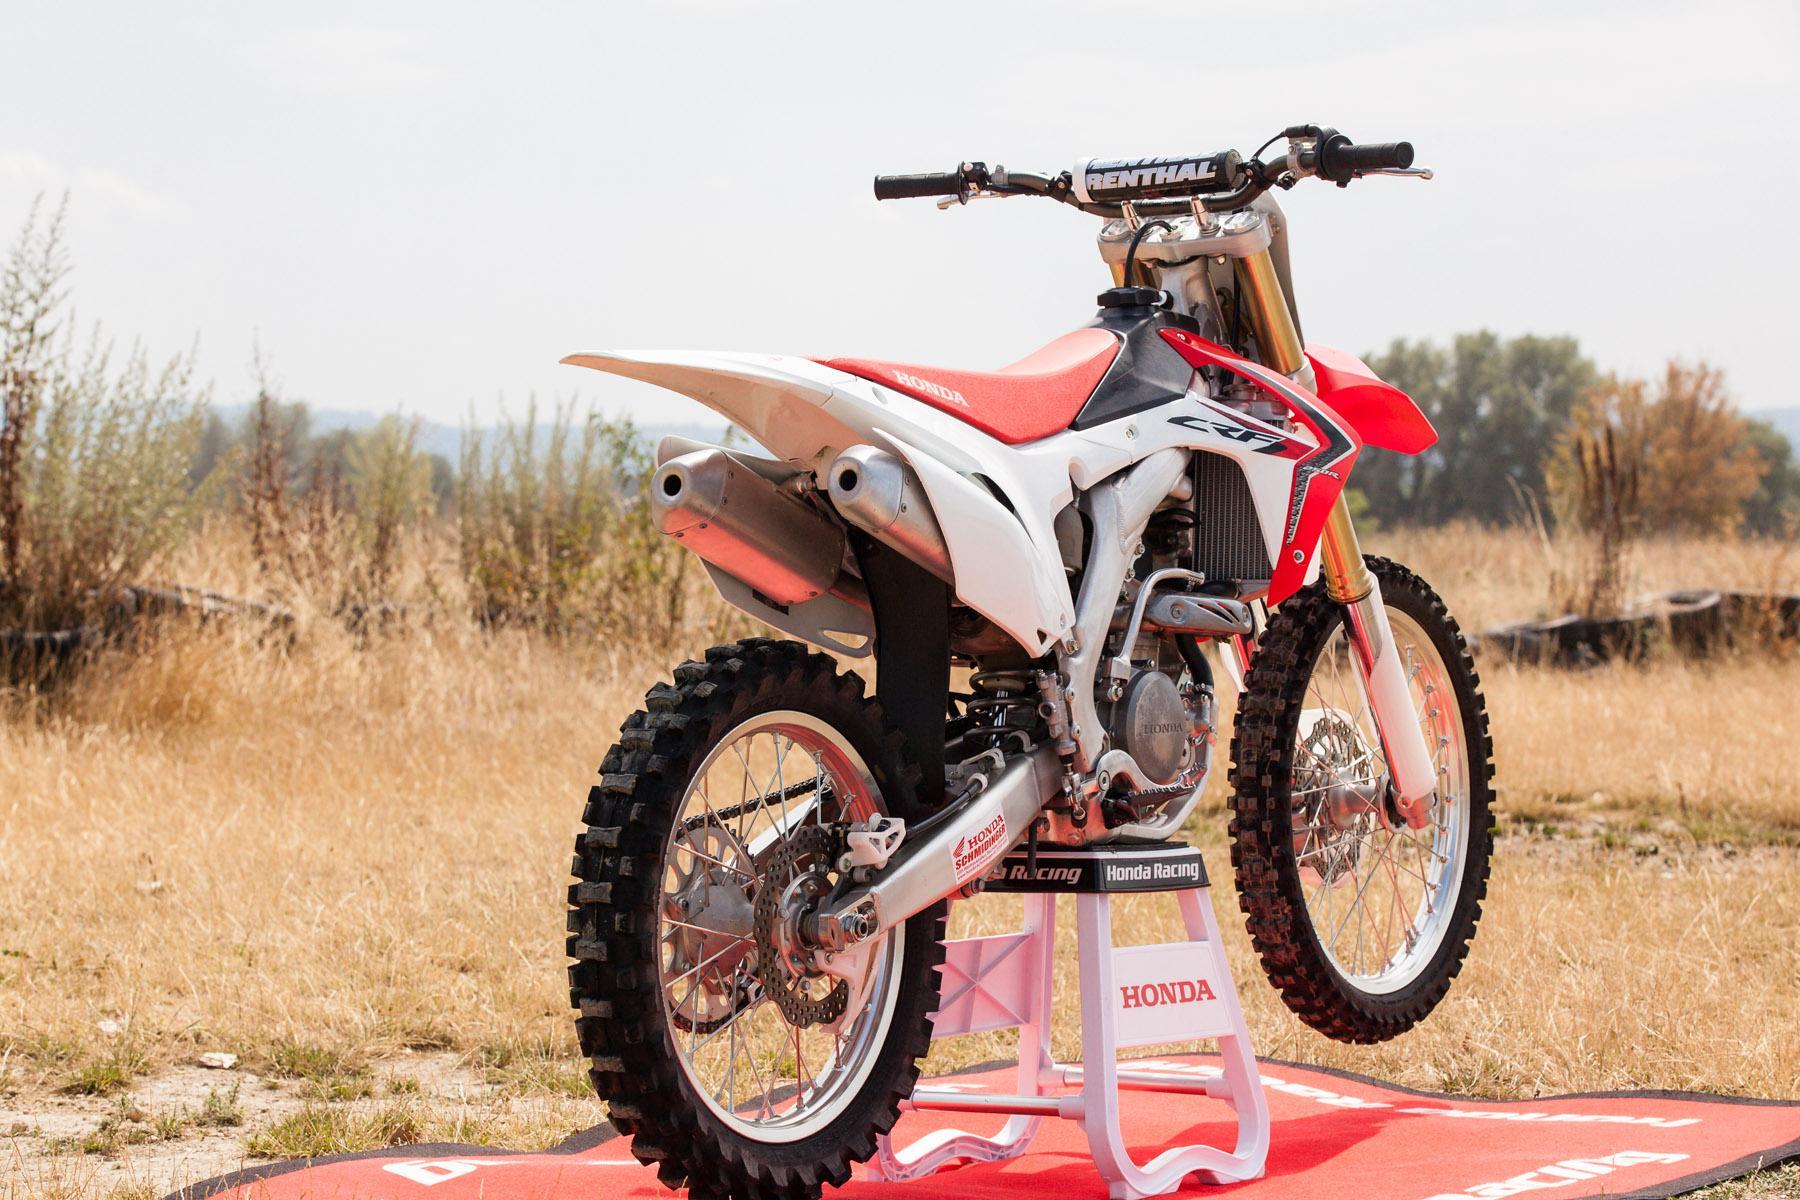 http://www.motorrad-bilder.at/slideshows/291/009959/honda_CRF205R_2013-12.jpg